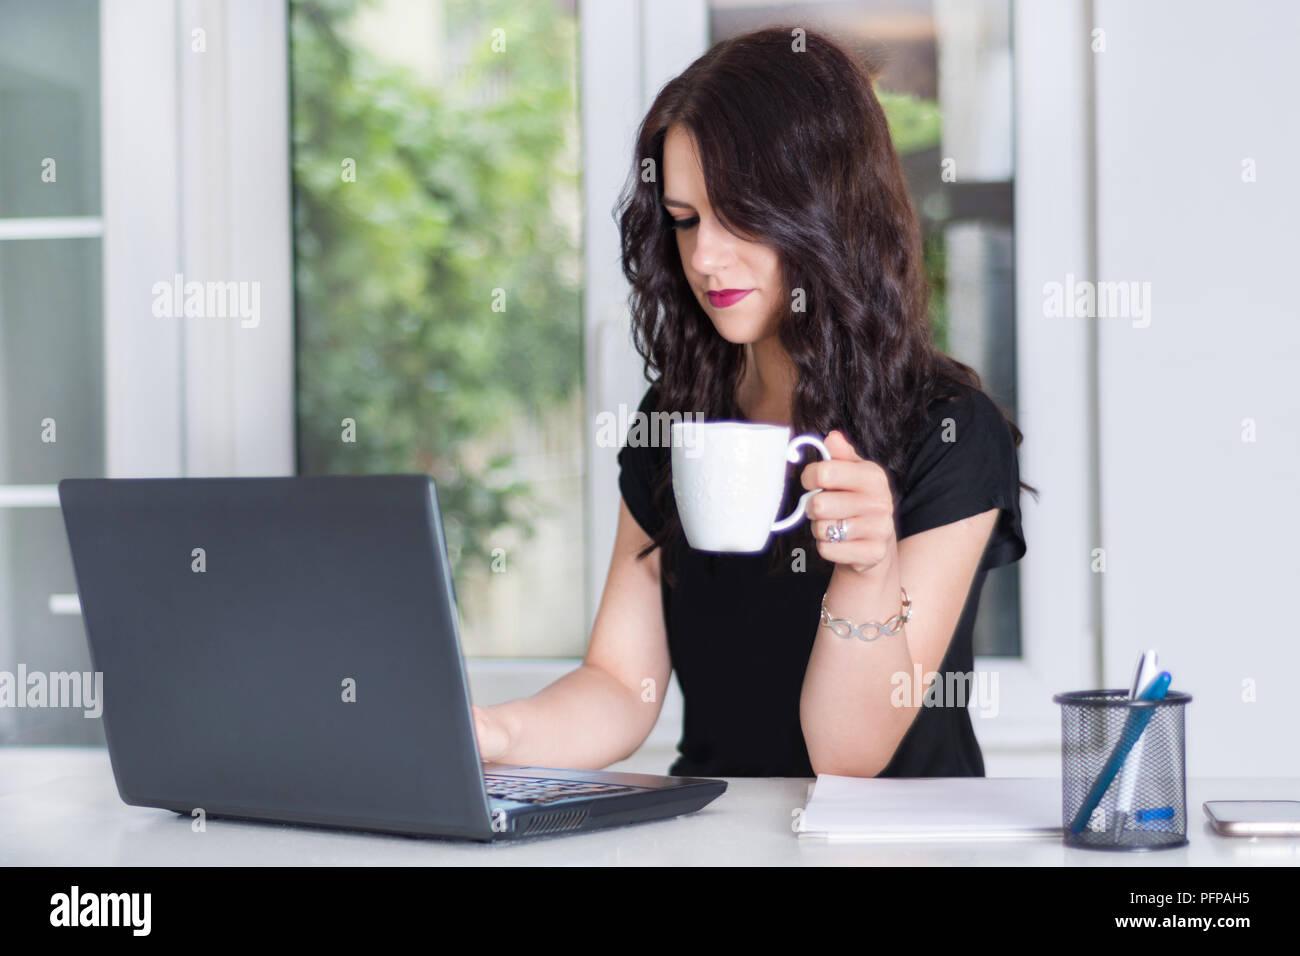 Schöne junge Mädchen Arbeiten am Laptop im Büro Schreibtisch und trinken Kaffee. Moderne Geschäfts- und Job Konzept. Close Up, selektiver Fokus Stockbild